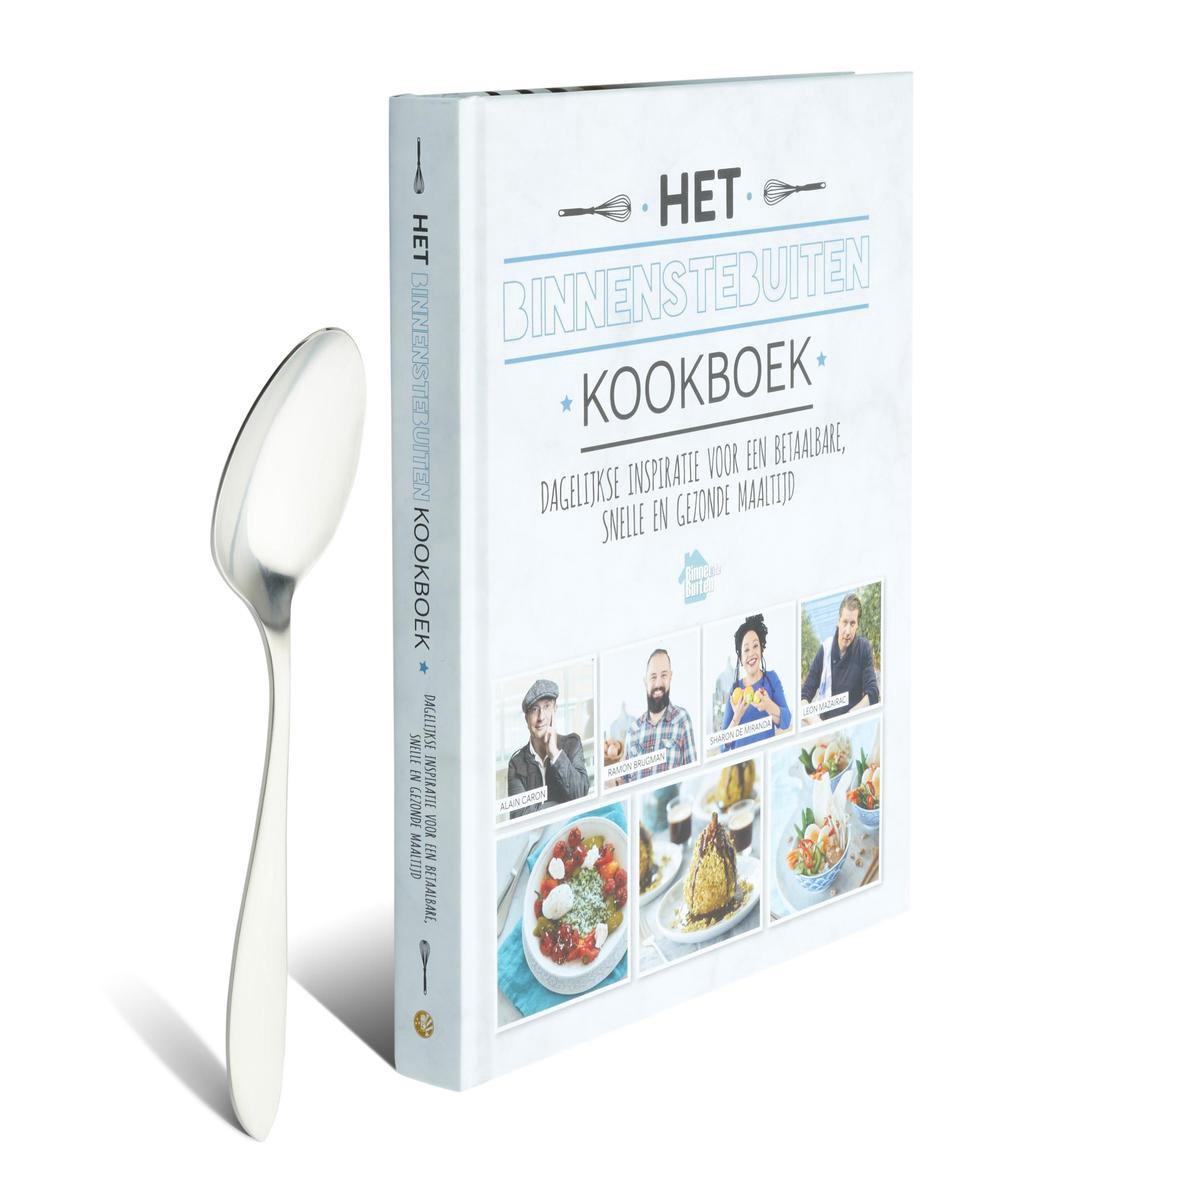 Bol Com Het Binnenstebuiten Kookboek Alain Caron 9789048837113 Boeken